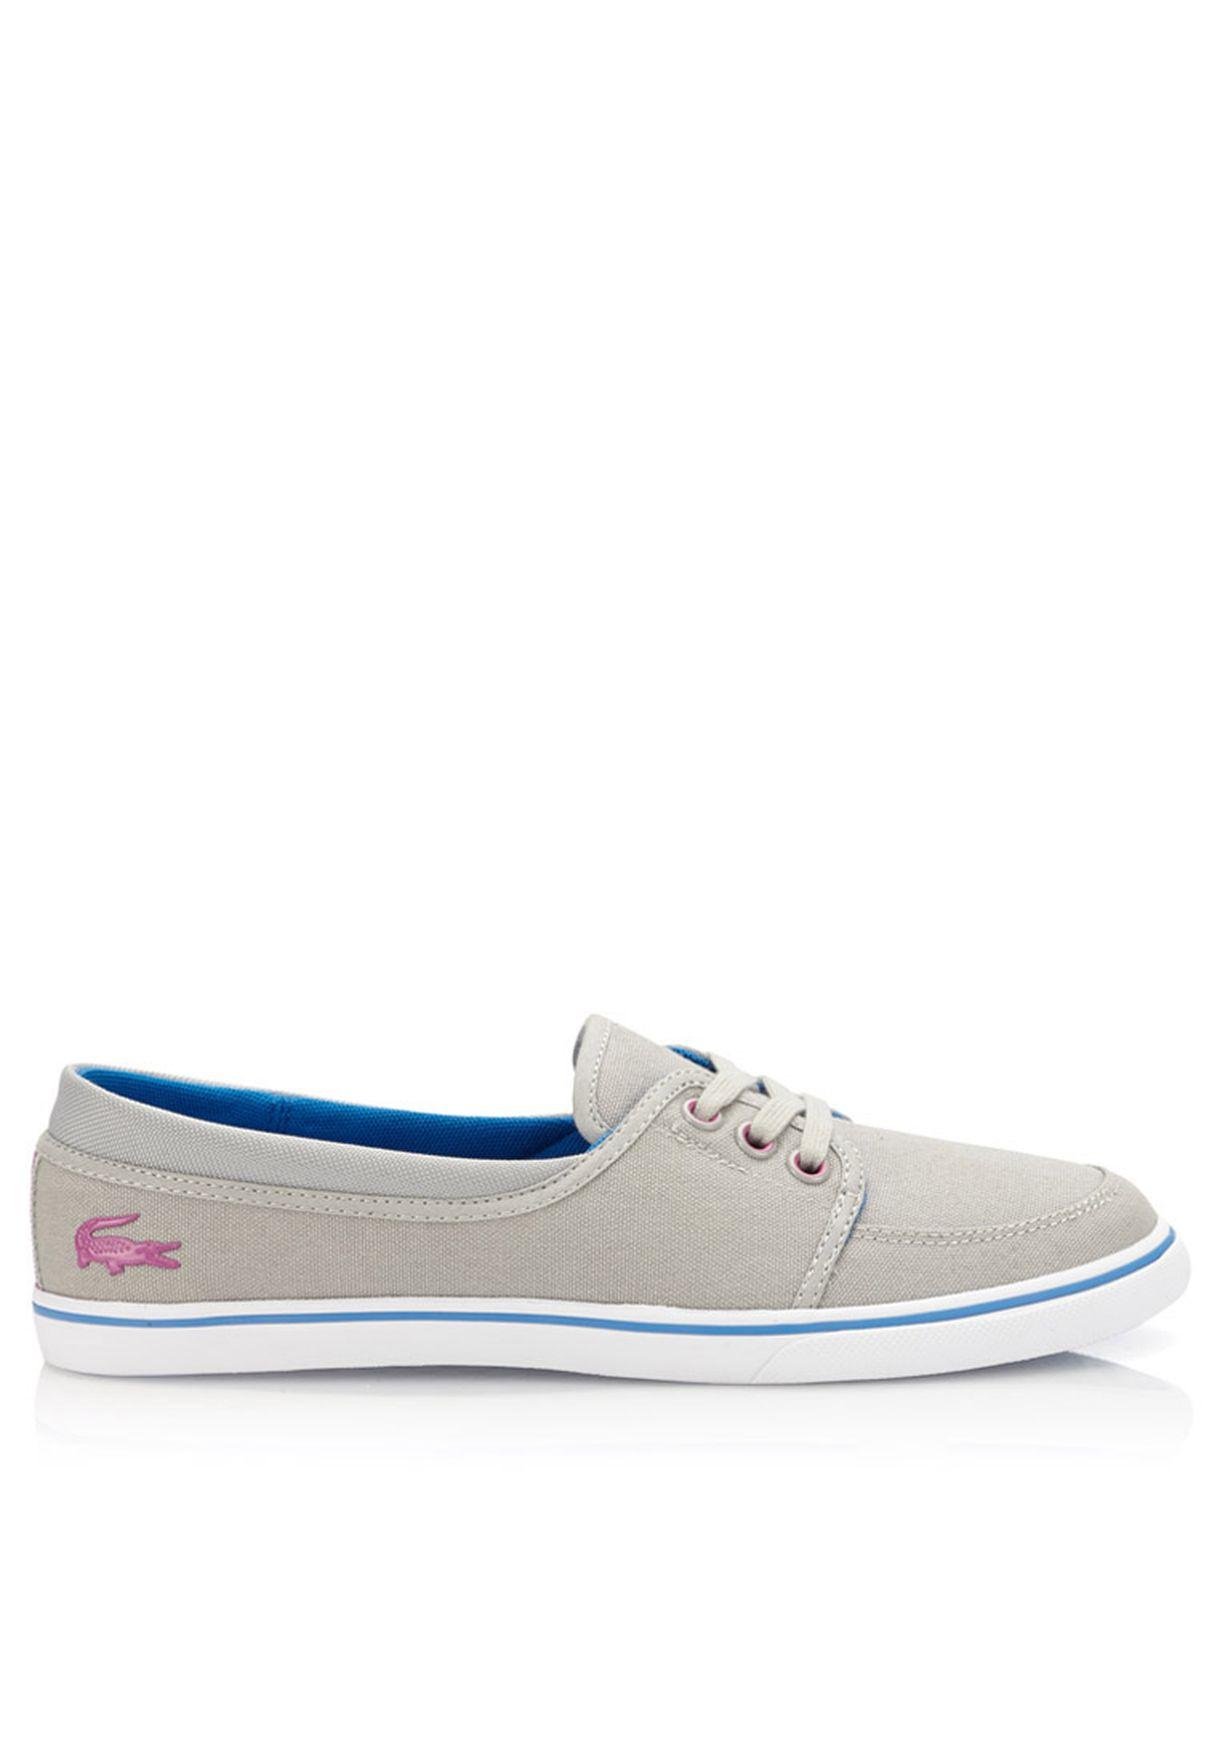 Tabrey SN Sneakers